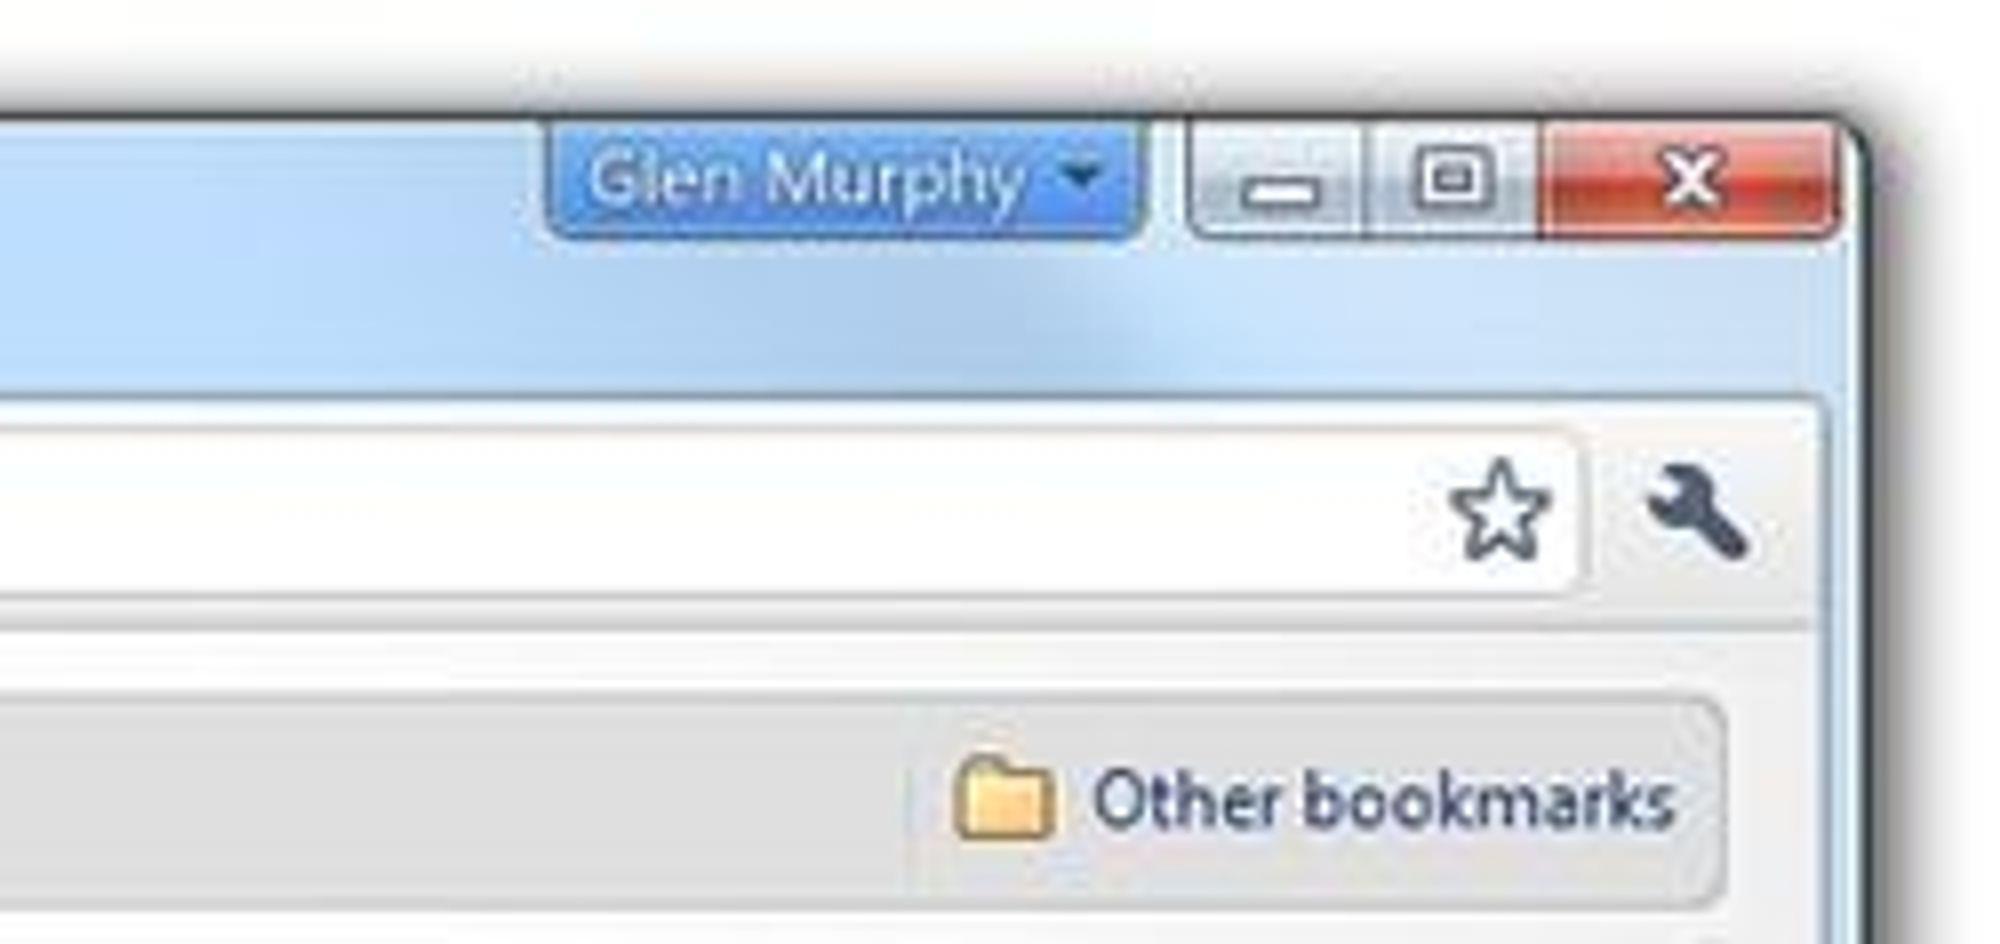 Slik vil profilvalget vises i de enkelte vinduene i Windows- og Linux-versjonen av Chrome. I Mac-versjonen vil profilvalget vises sammen med resten av menyen.